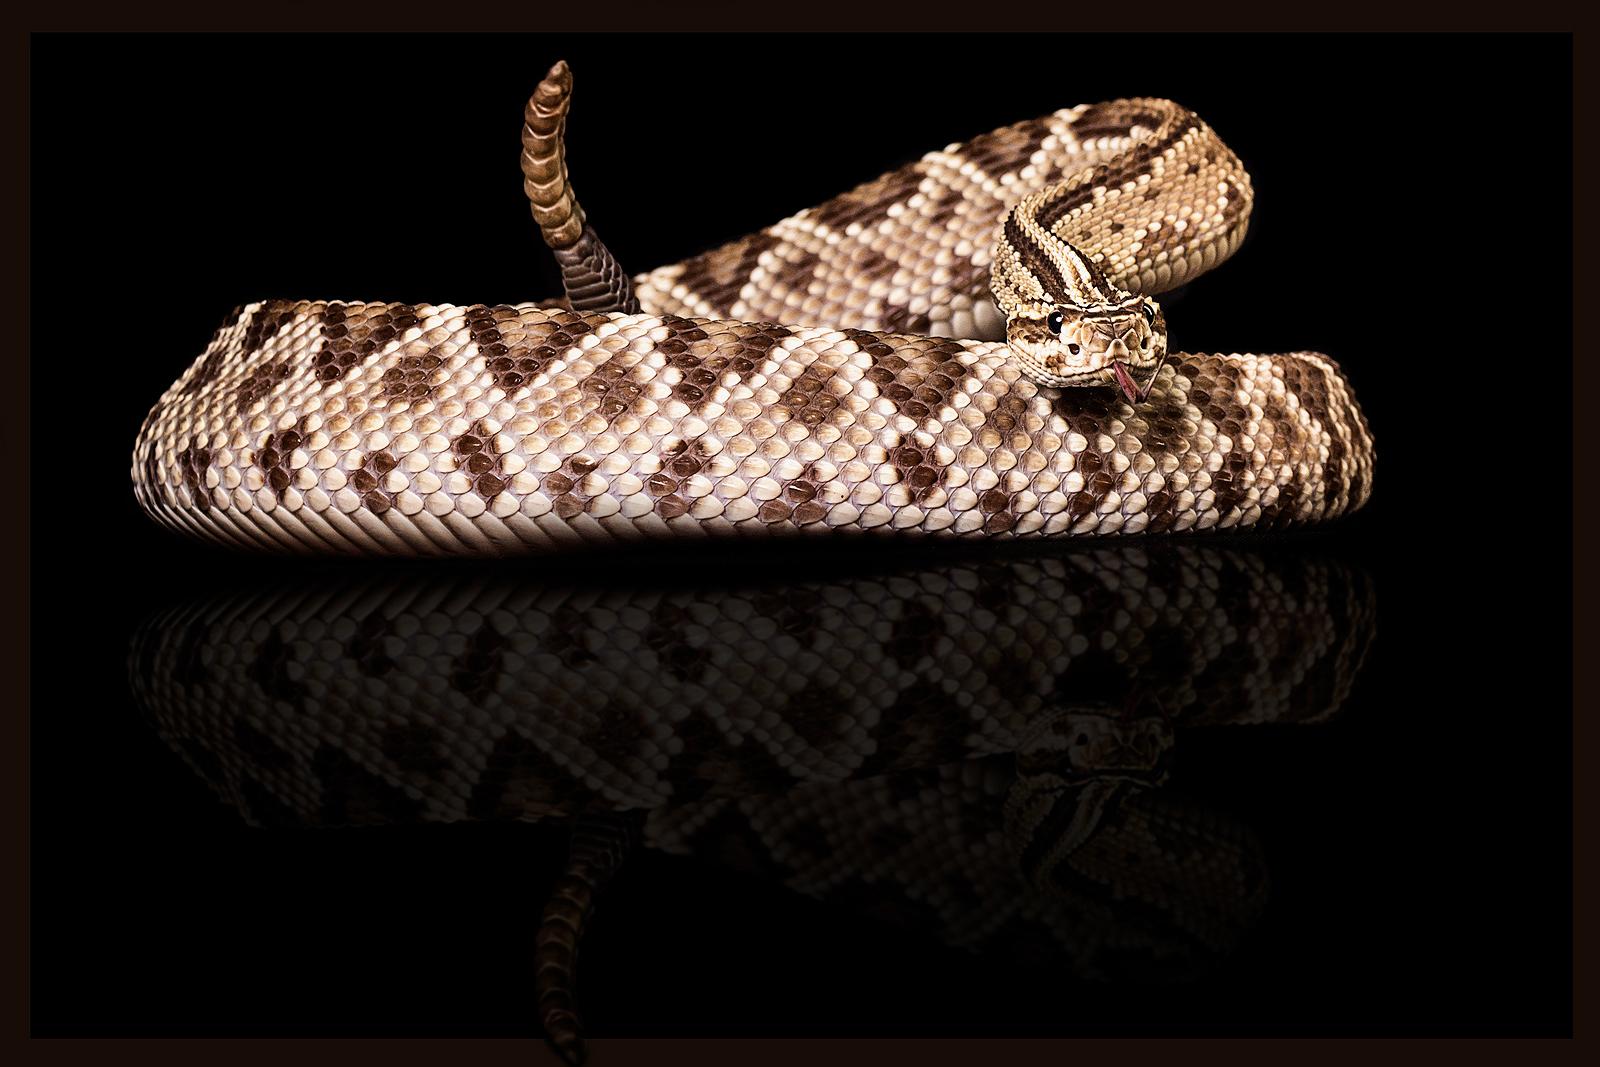 Südamerikanische Klapperschlange